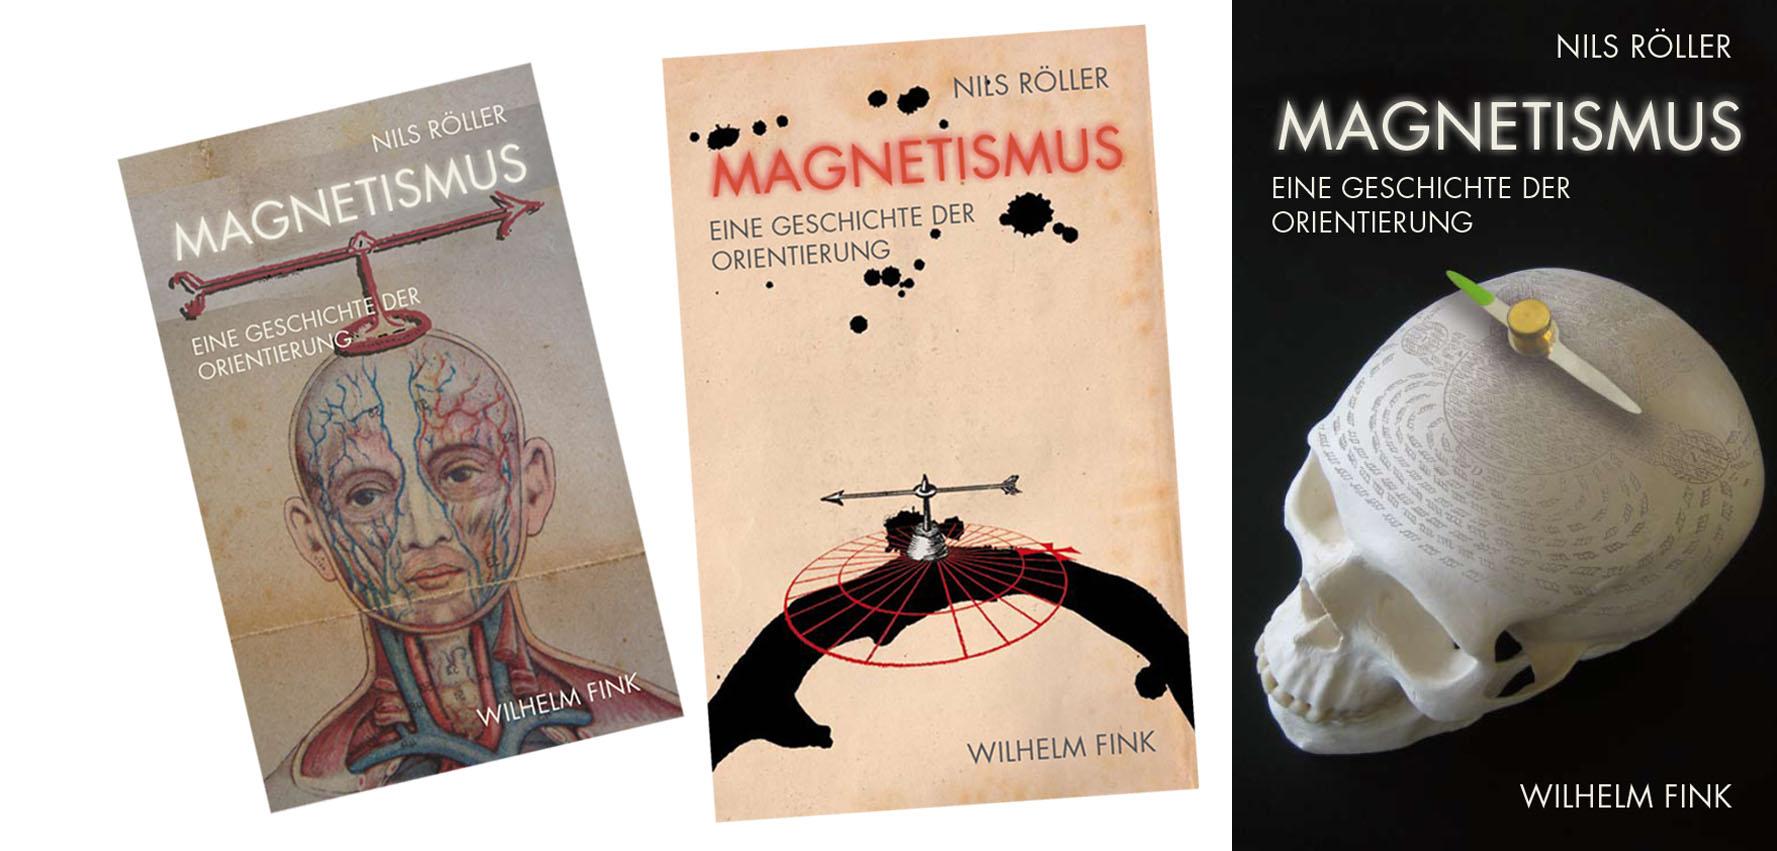 Nils Roeller_Magnetismus.jpg